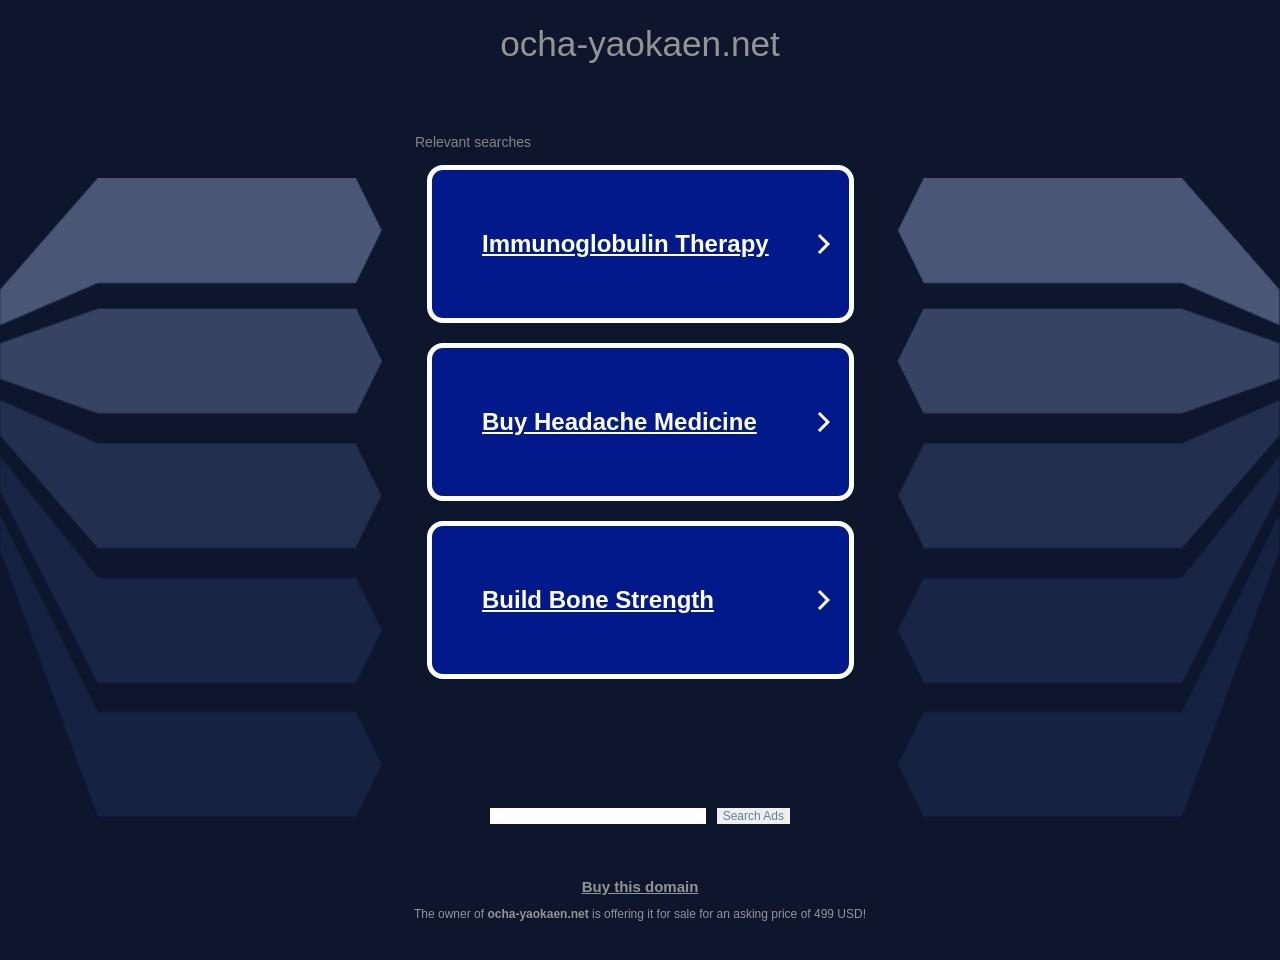 お茶 茶道具の専門店 お茶の八百香園 味わい深い日本茶をお届けします。